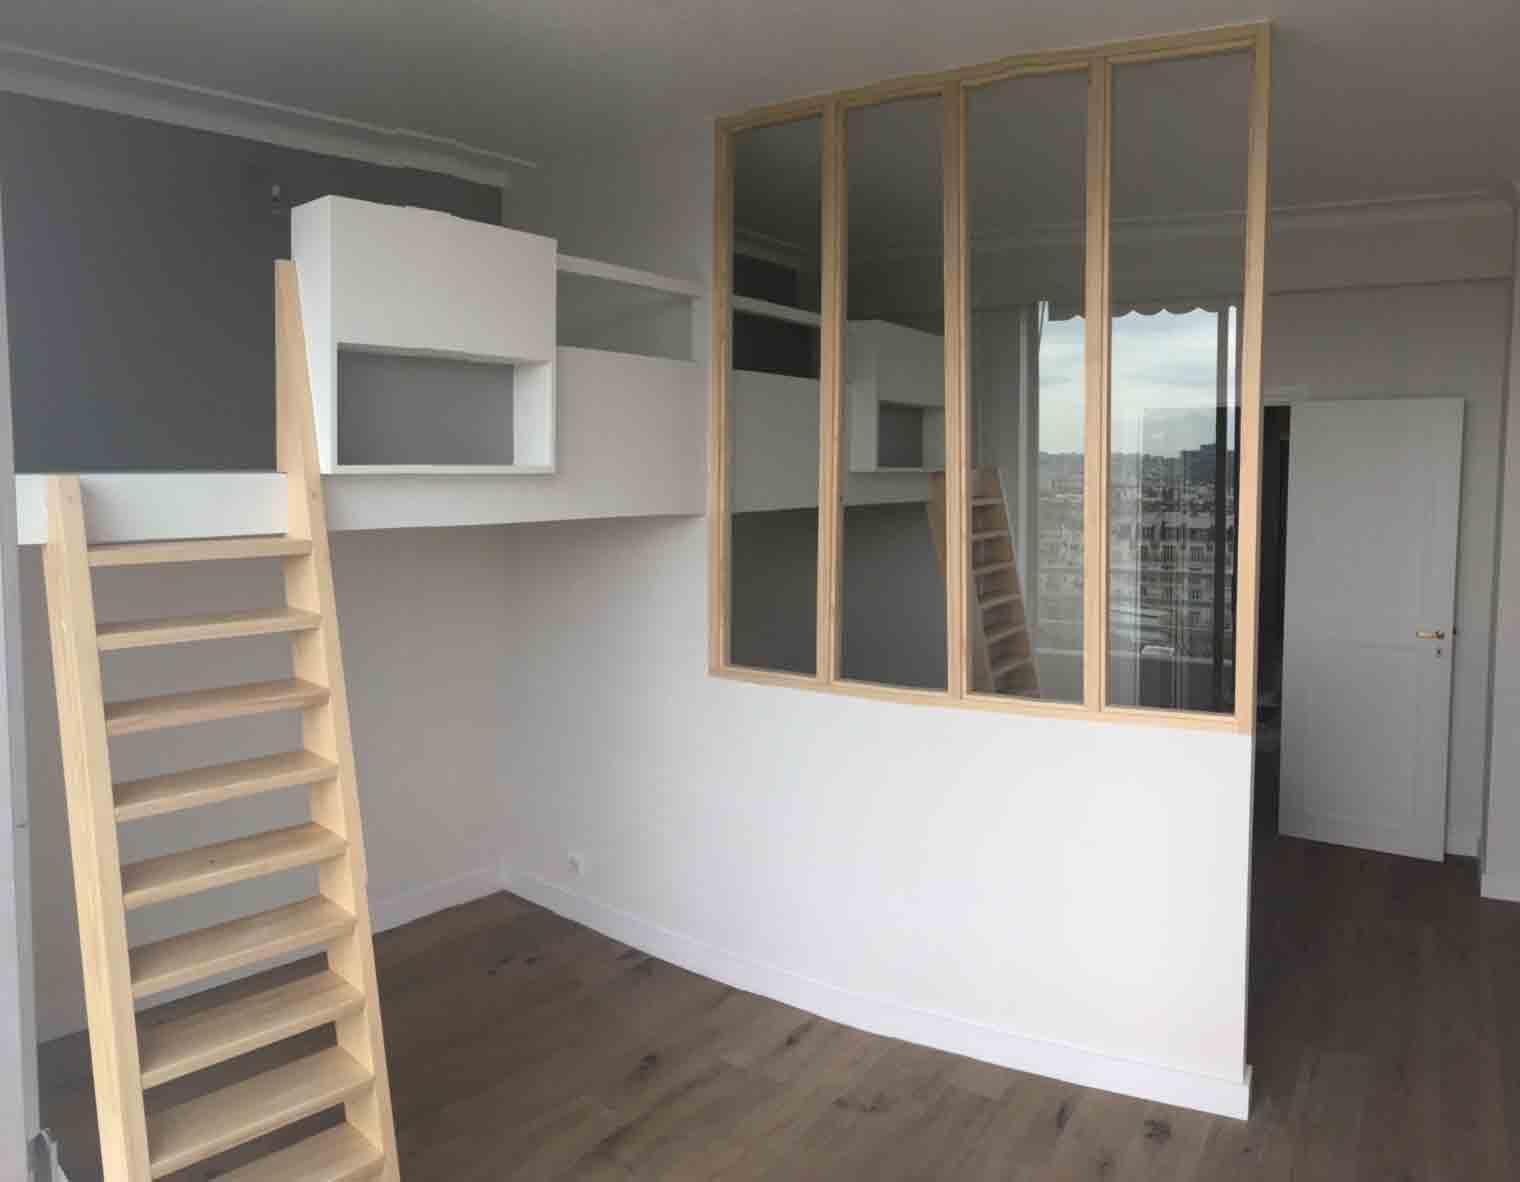 baty'r | construction et aménagement intérieur en bois sur mesure | 91